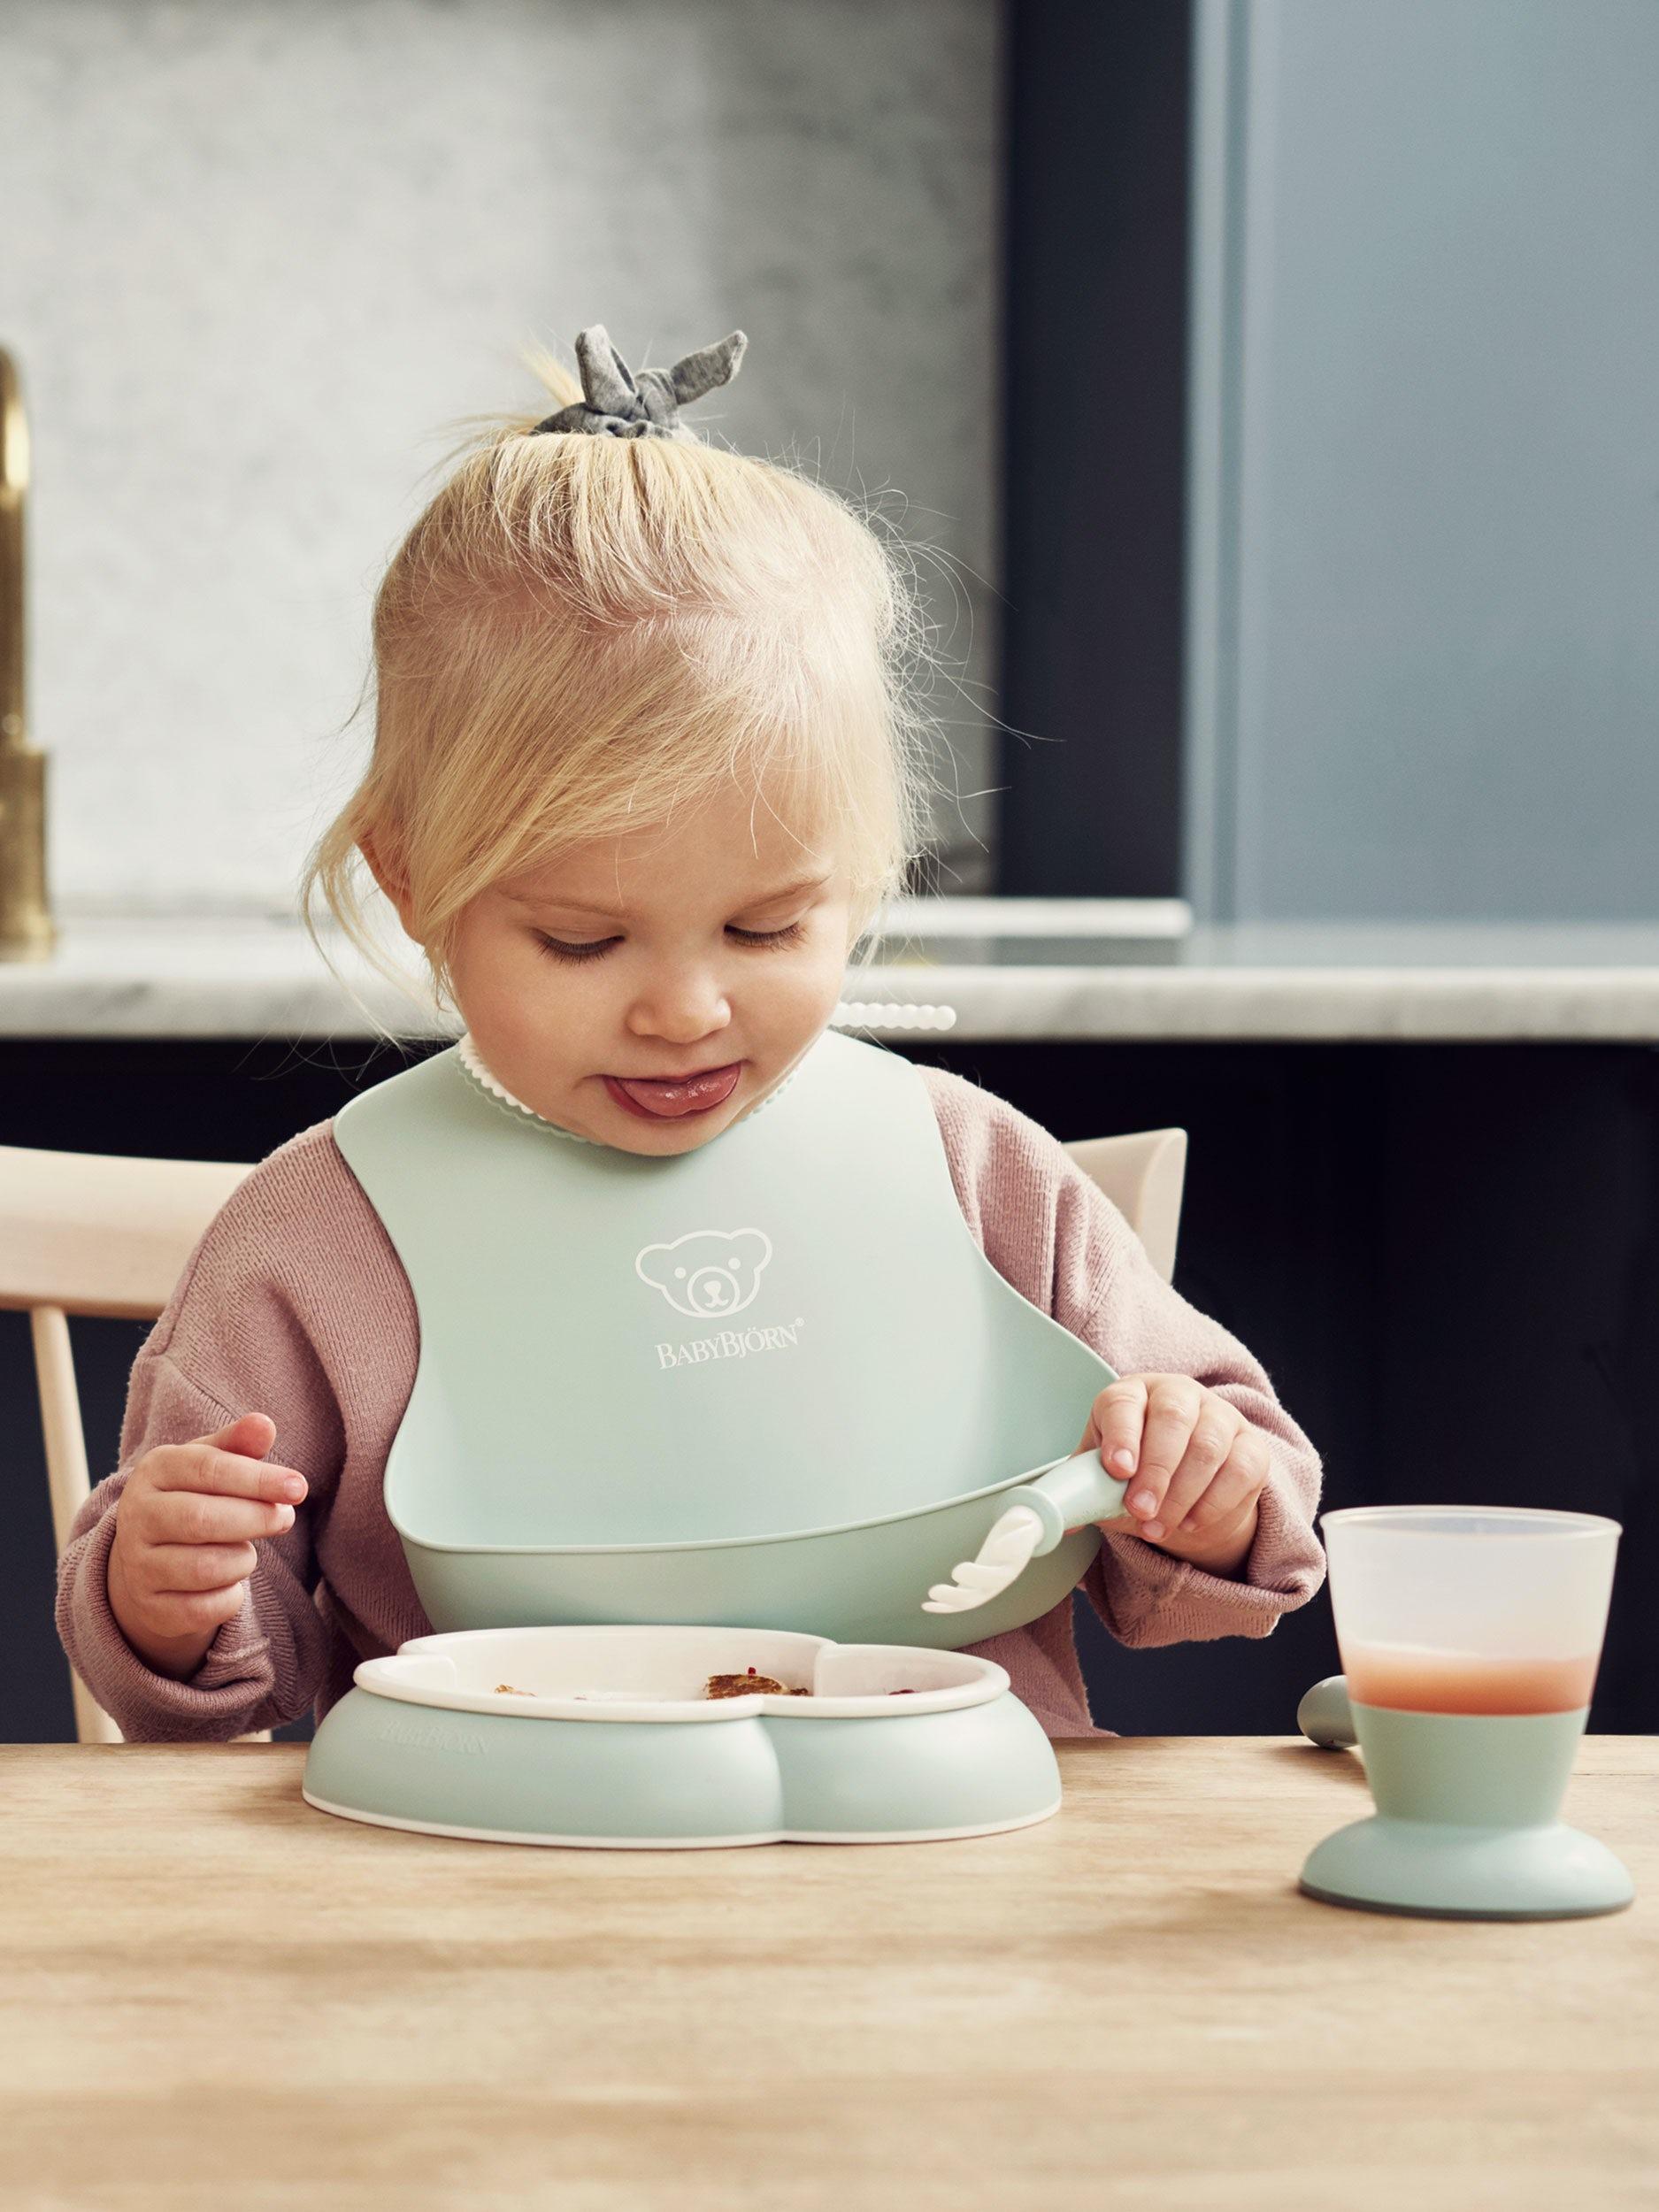 Middagsset för barn i blekgrön BPA-fri plast - BABYBJÖRN